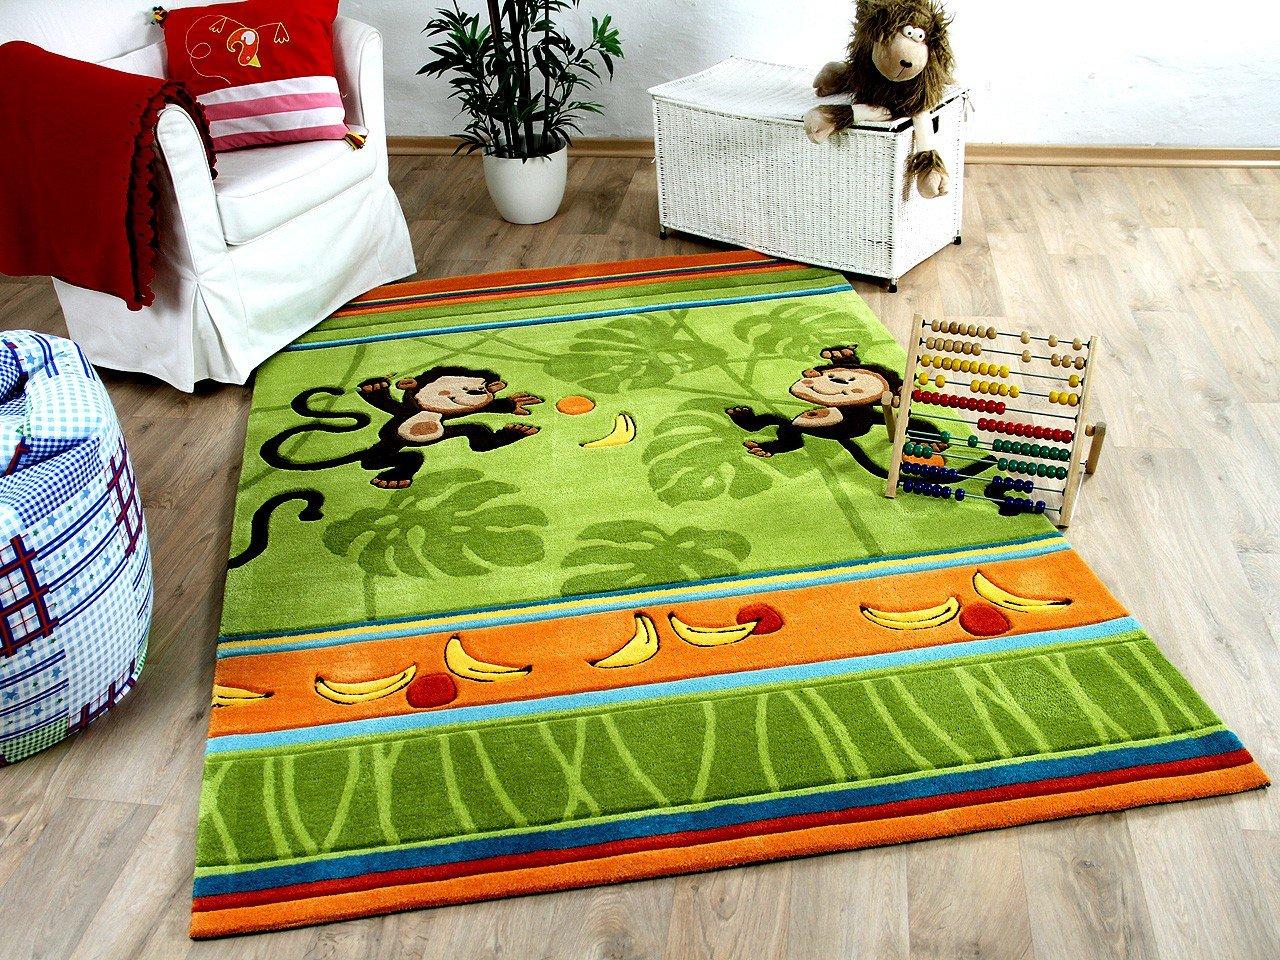 Lifestyle Kinderteppich Affenspaß Grün in 3 Größen     Sofort Lieferbar